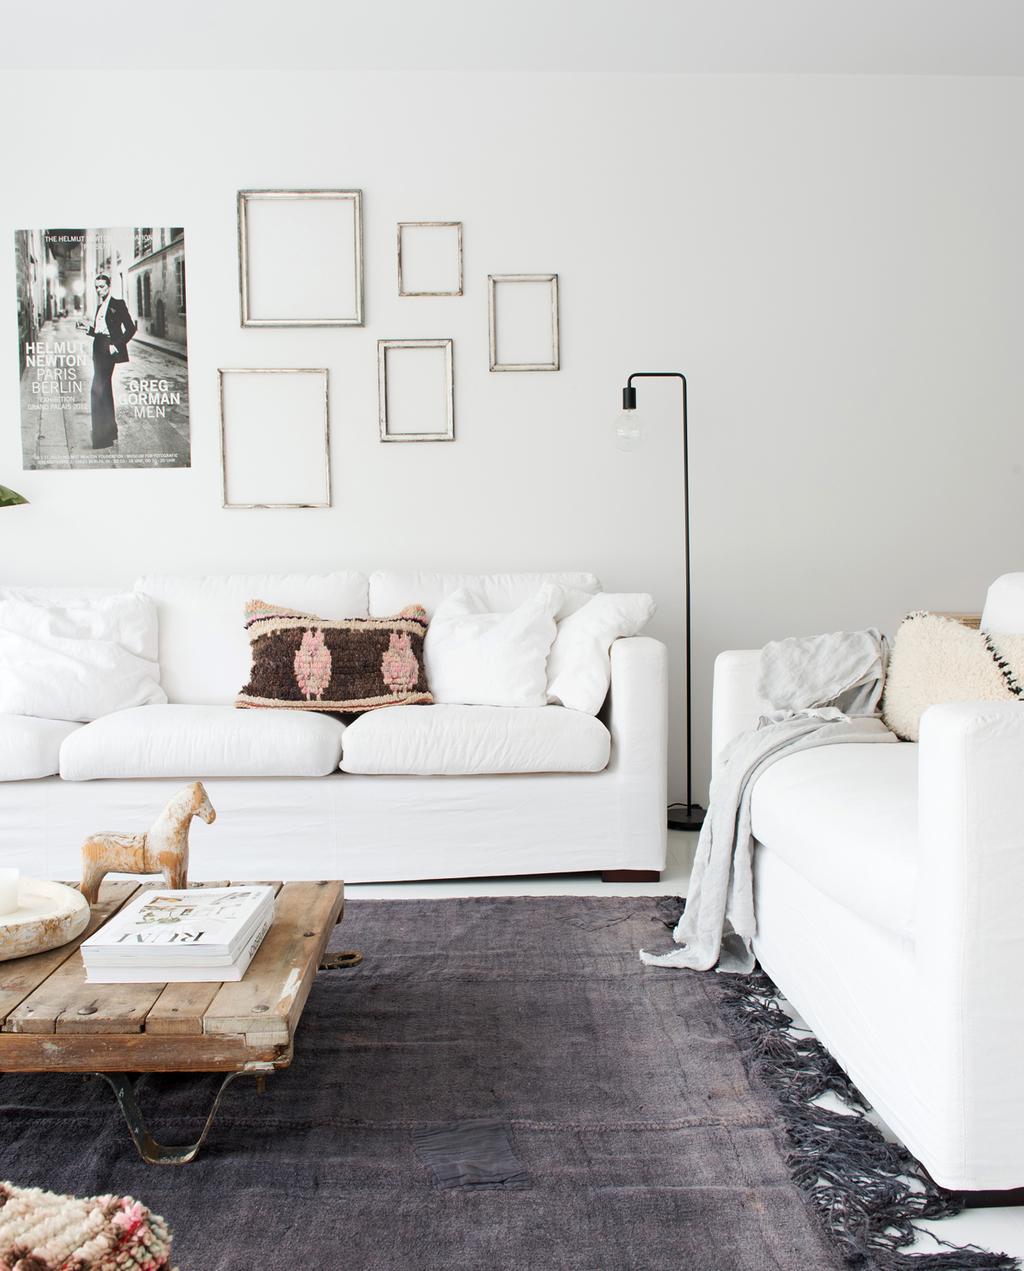 vtwonen 12-2019 binnenkijken special | vrijstaand nieuwbouwhuis in Almere woonkamer